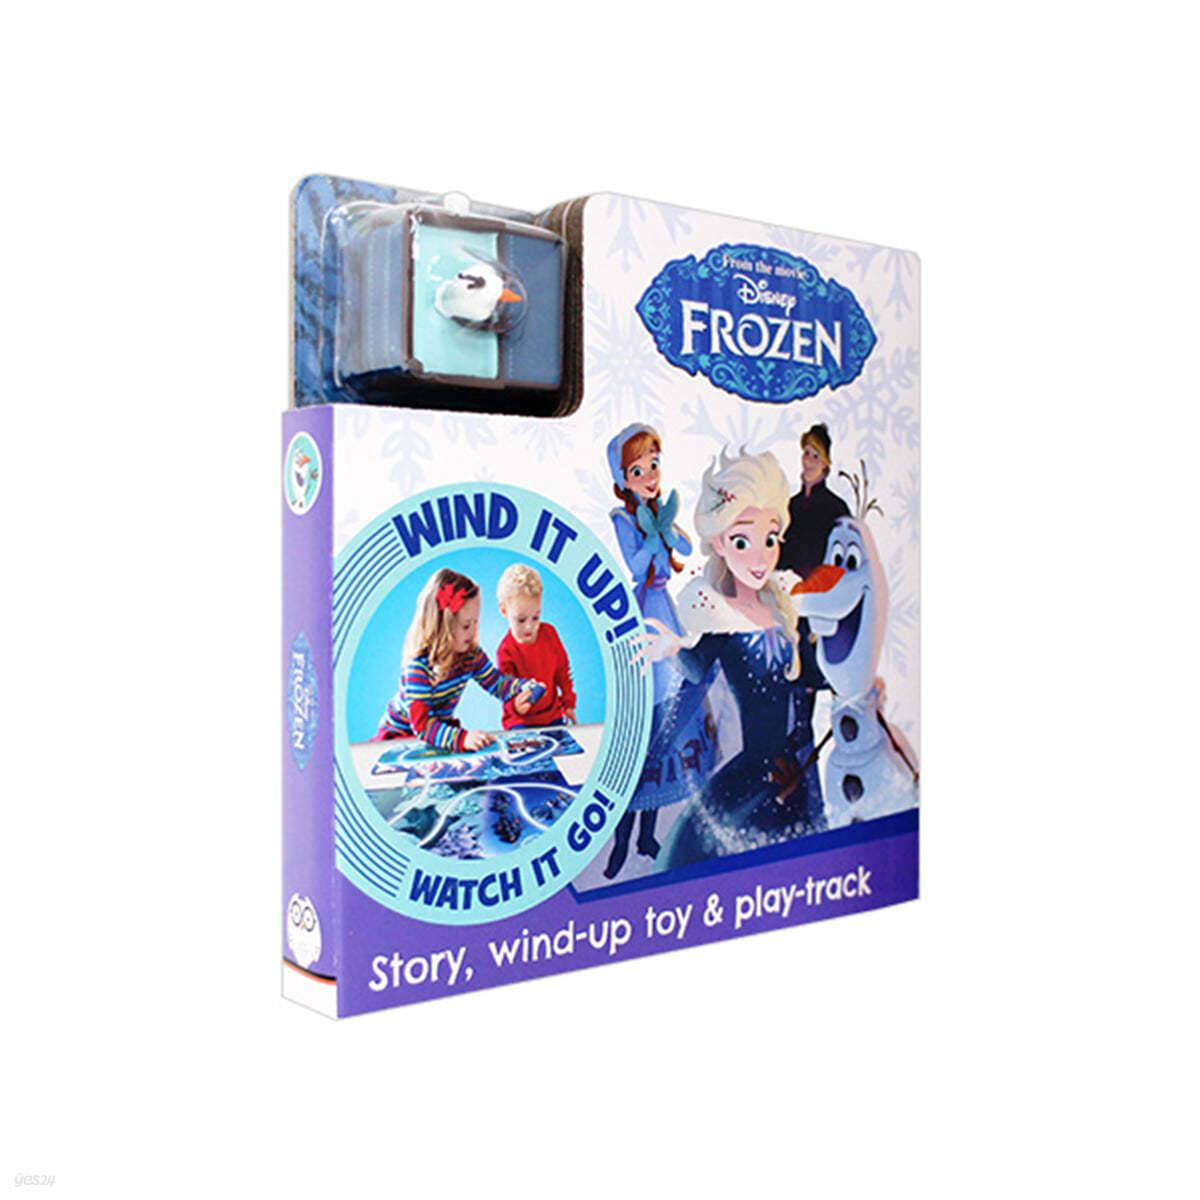 [스크래치 특가] Disney Frozen Story, Wind-Up Toy & Play-Track